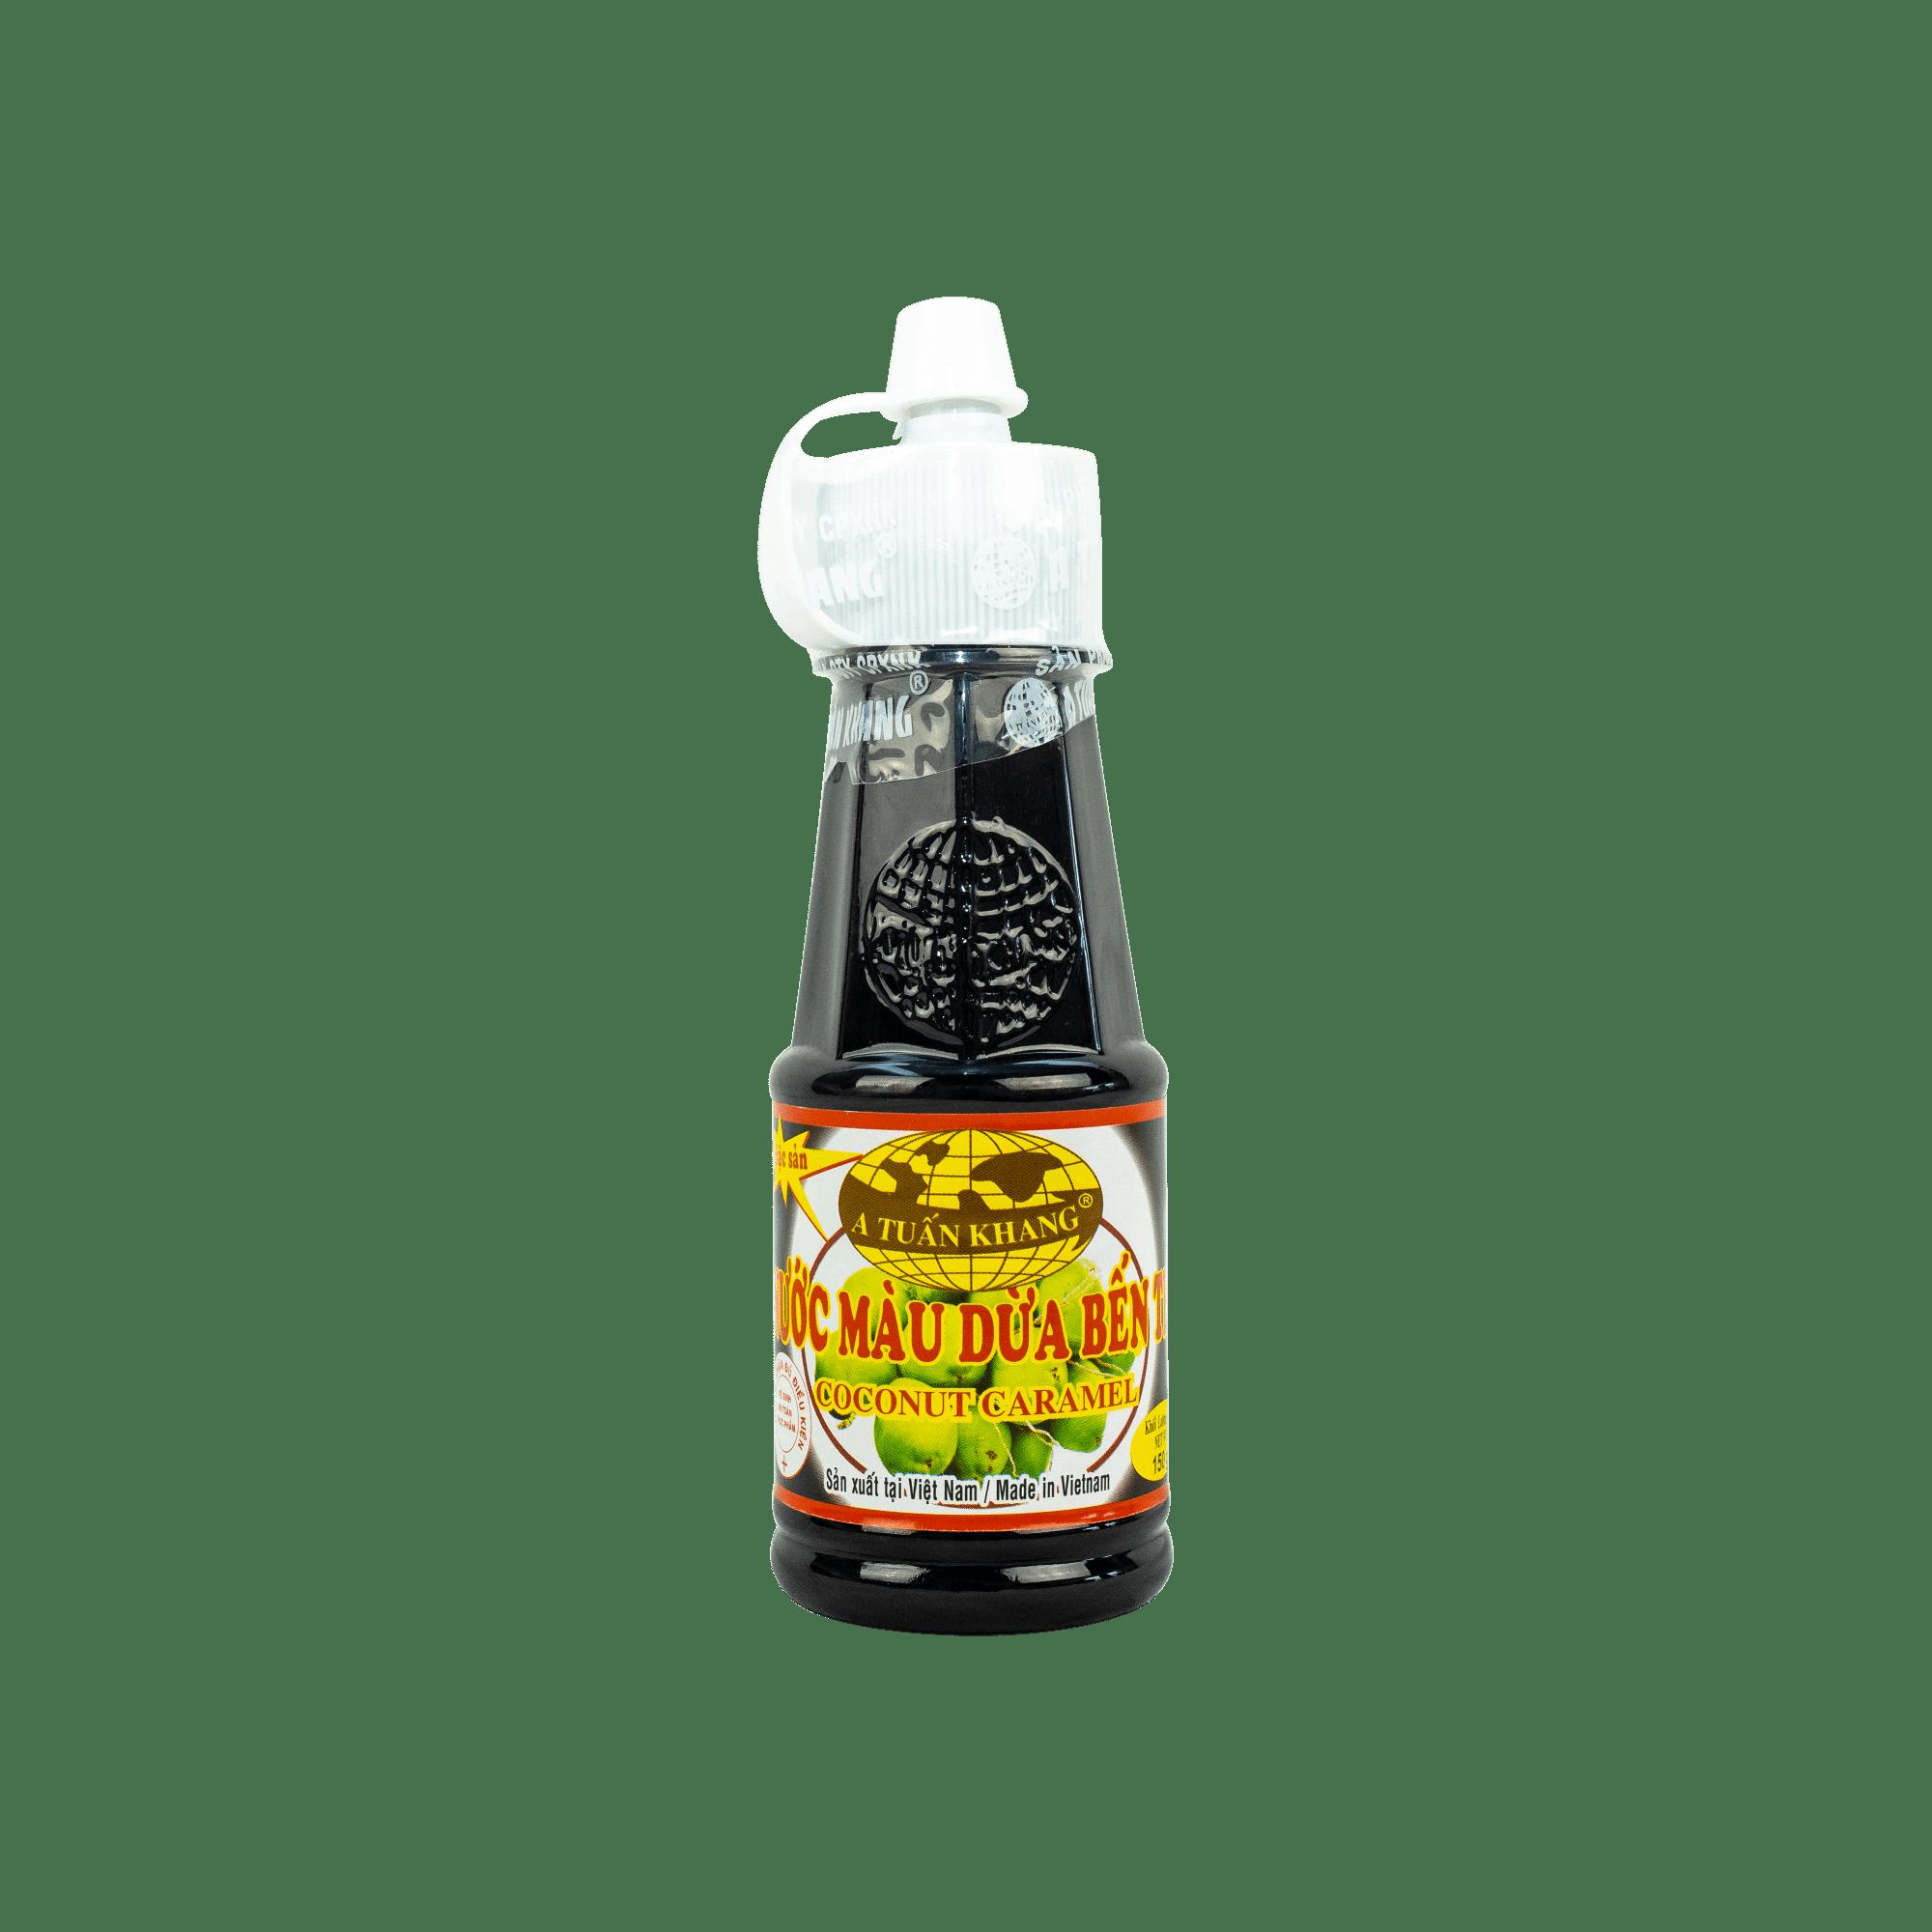 Nước màu dừa